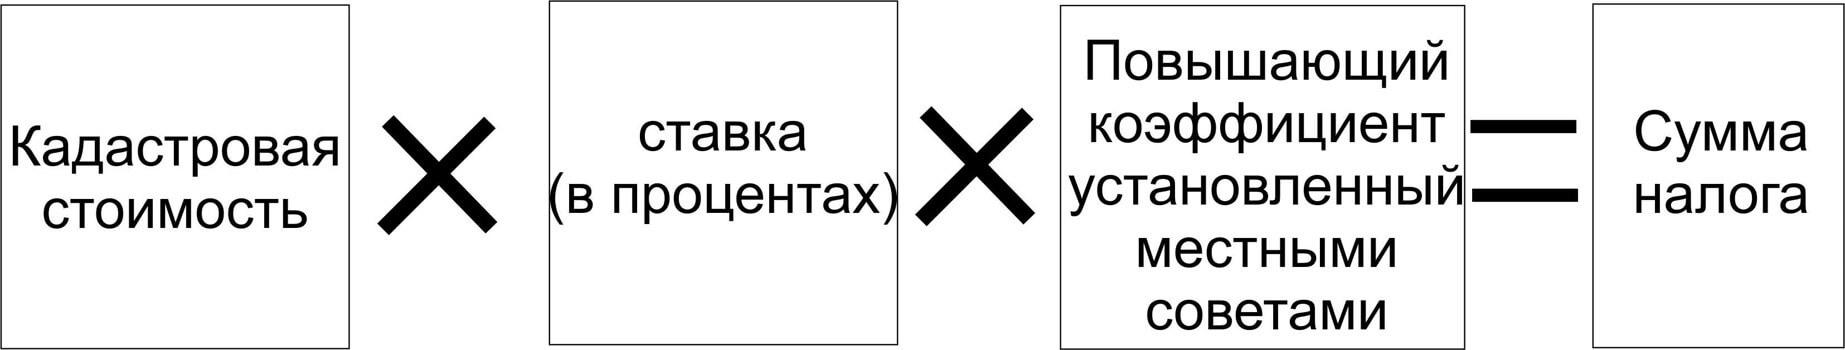 zemelnaya-deklaraciya-pravila-vychisleniya-zemelnogo-nalog